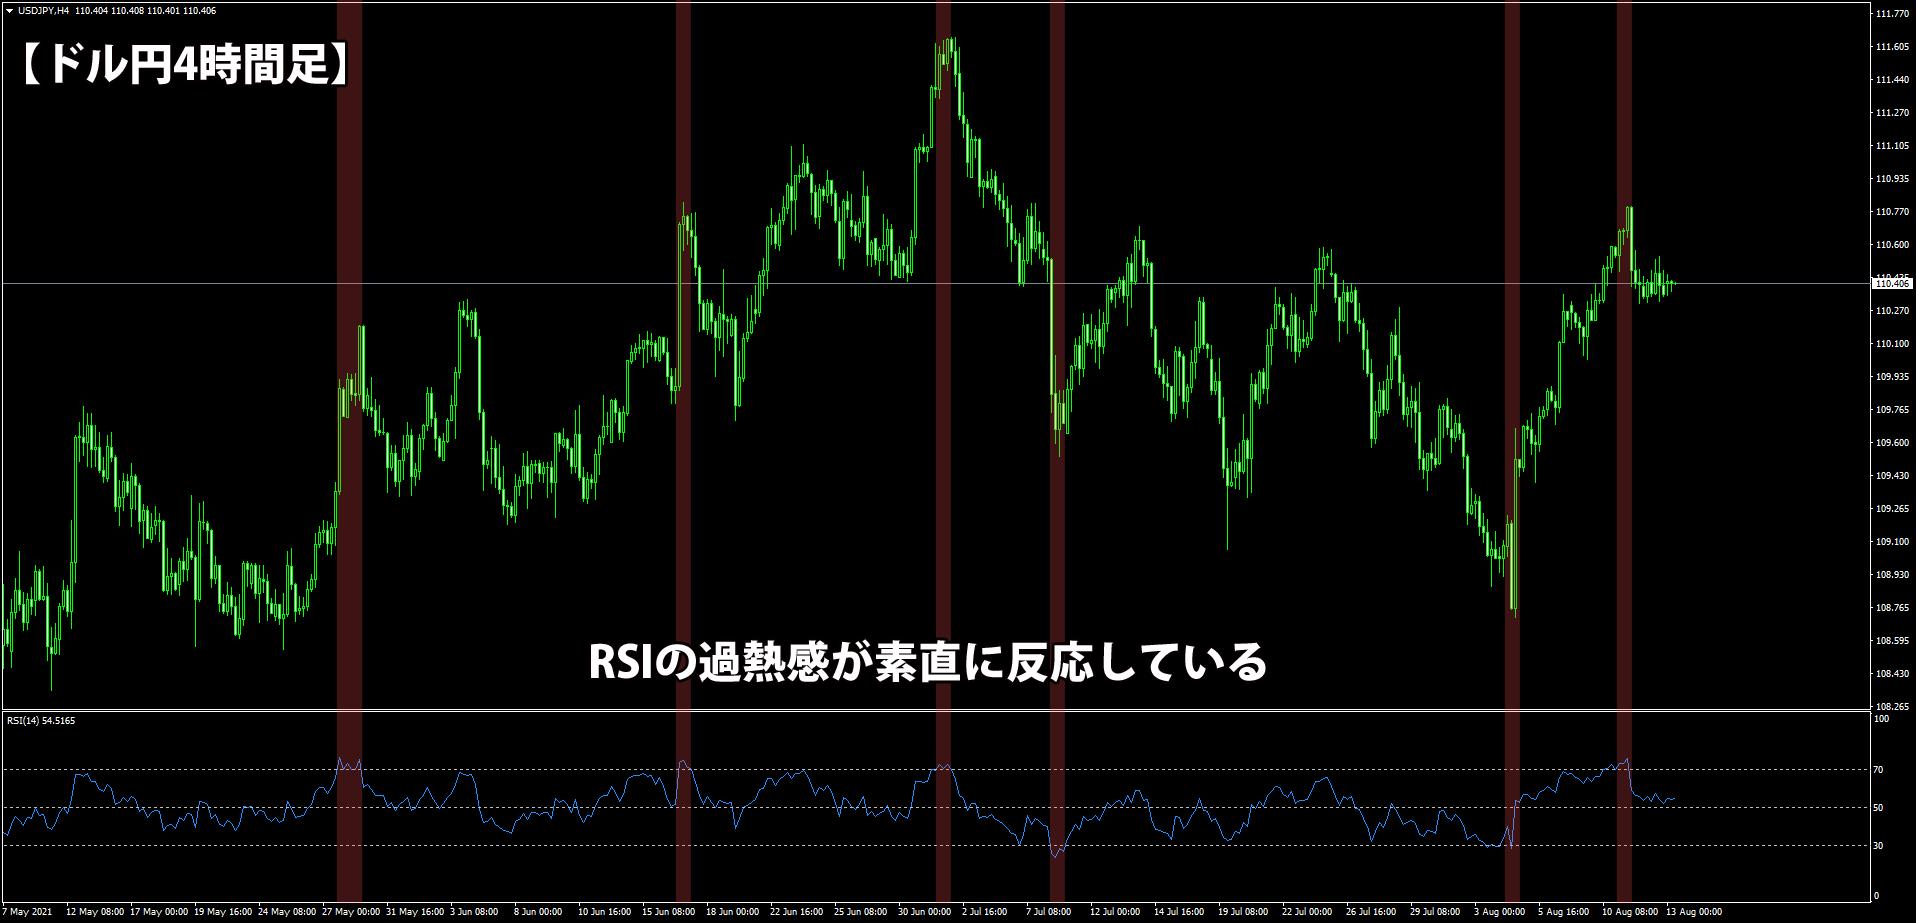 RSIを表示したドル円4時間足